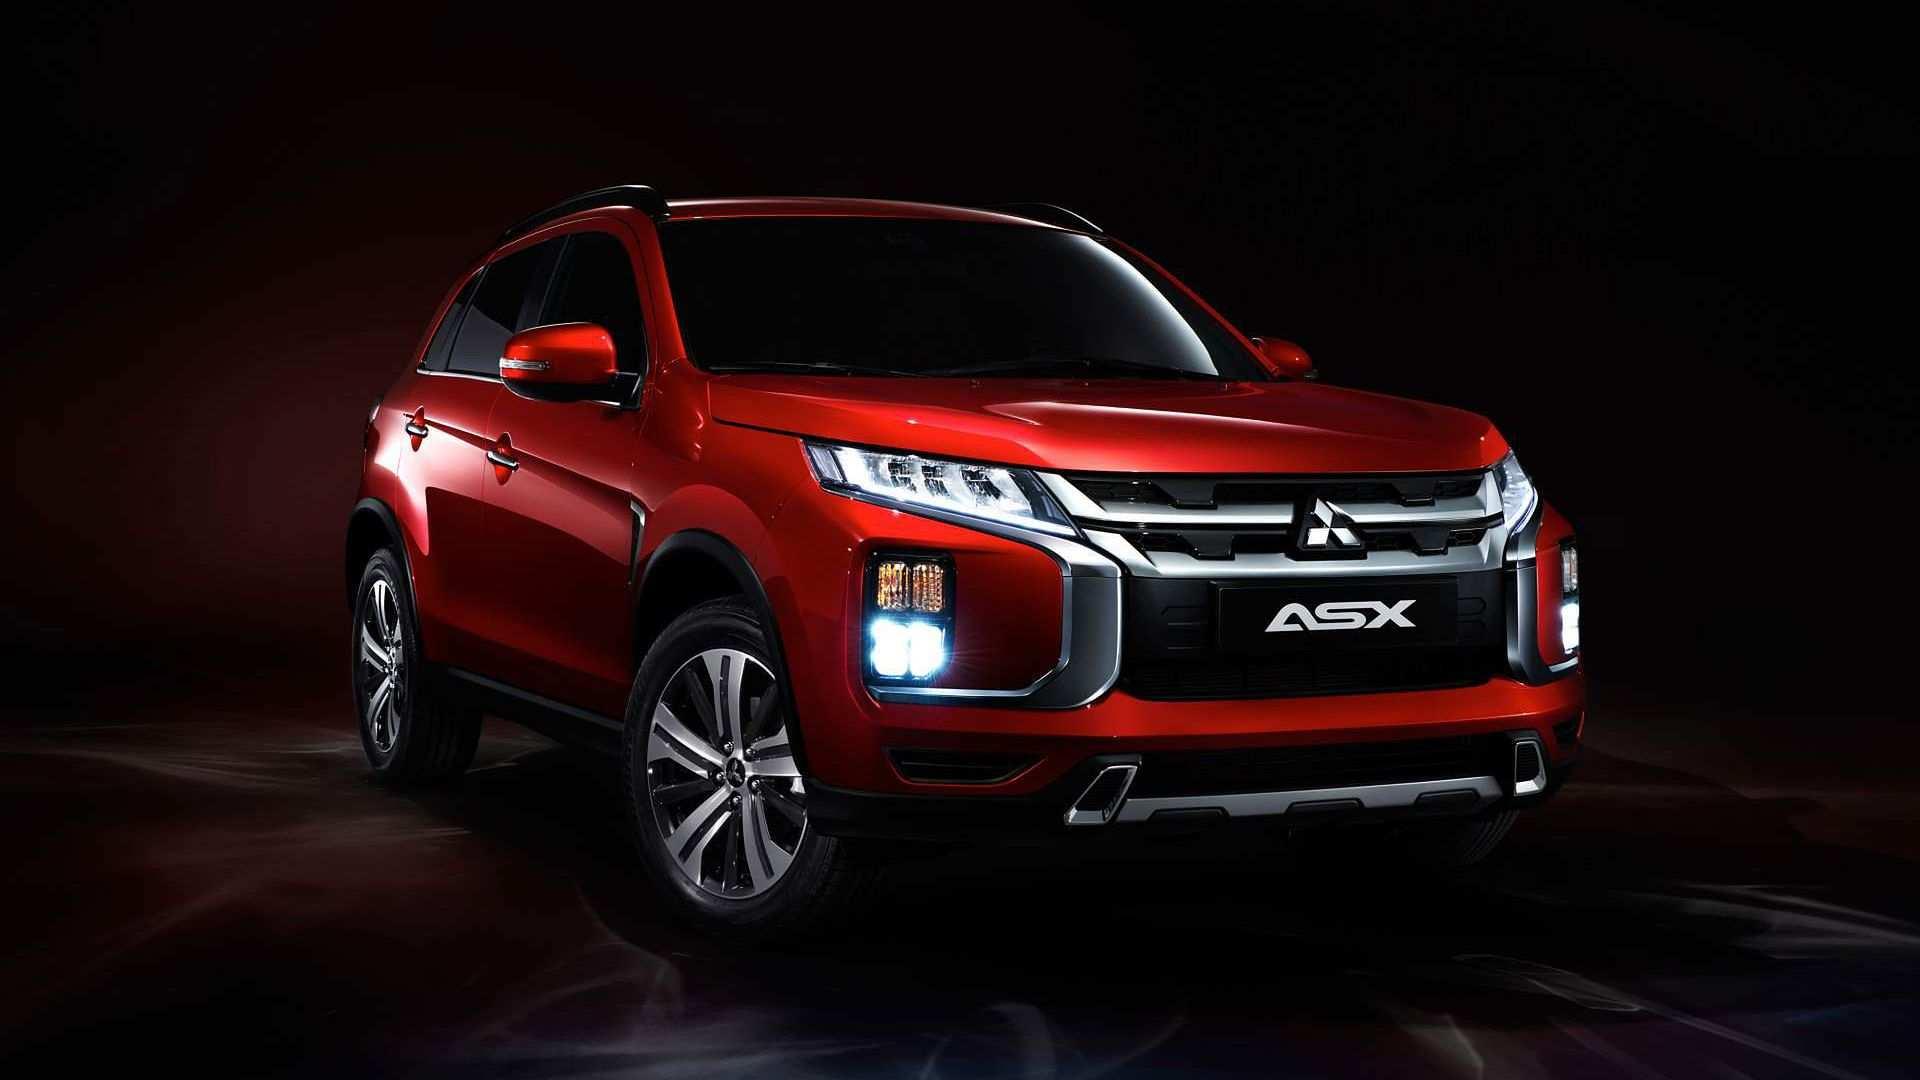 90 All New Mitsubishi Asx 2020 Dane Techniczne Specs with Mitsubishi Asx 2020 Dane Techniczne